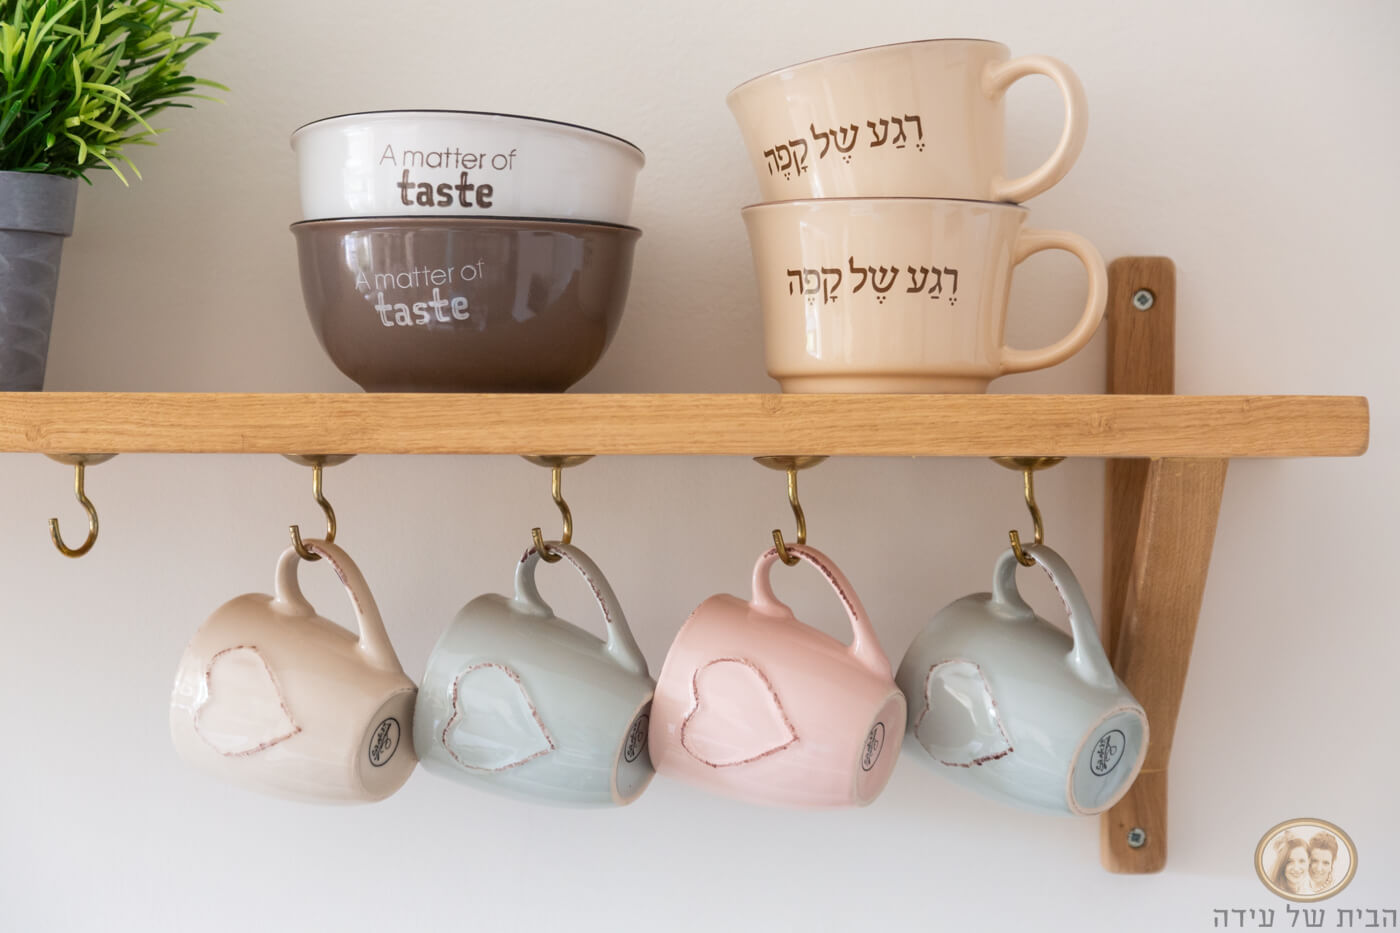 מדף לכוסות קפה